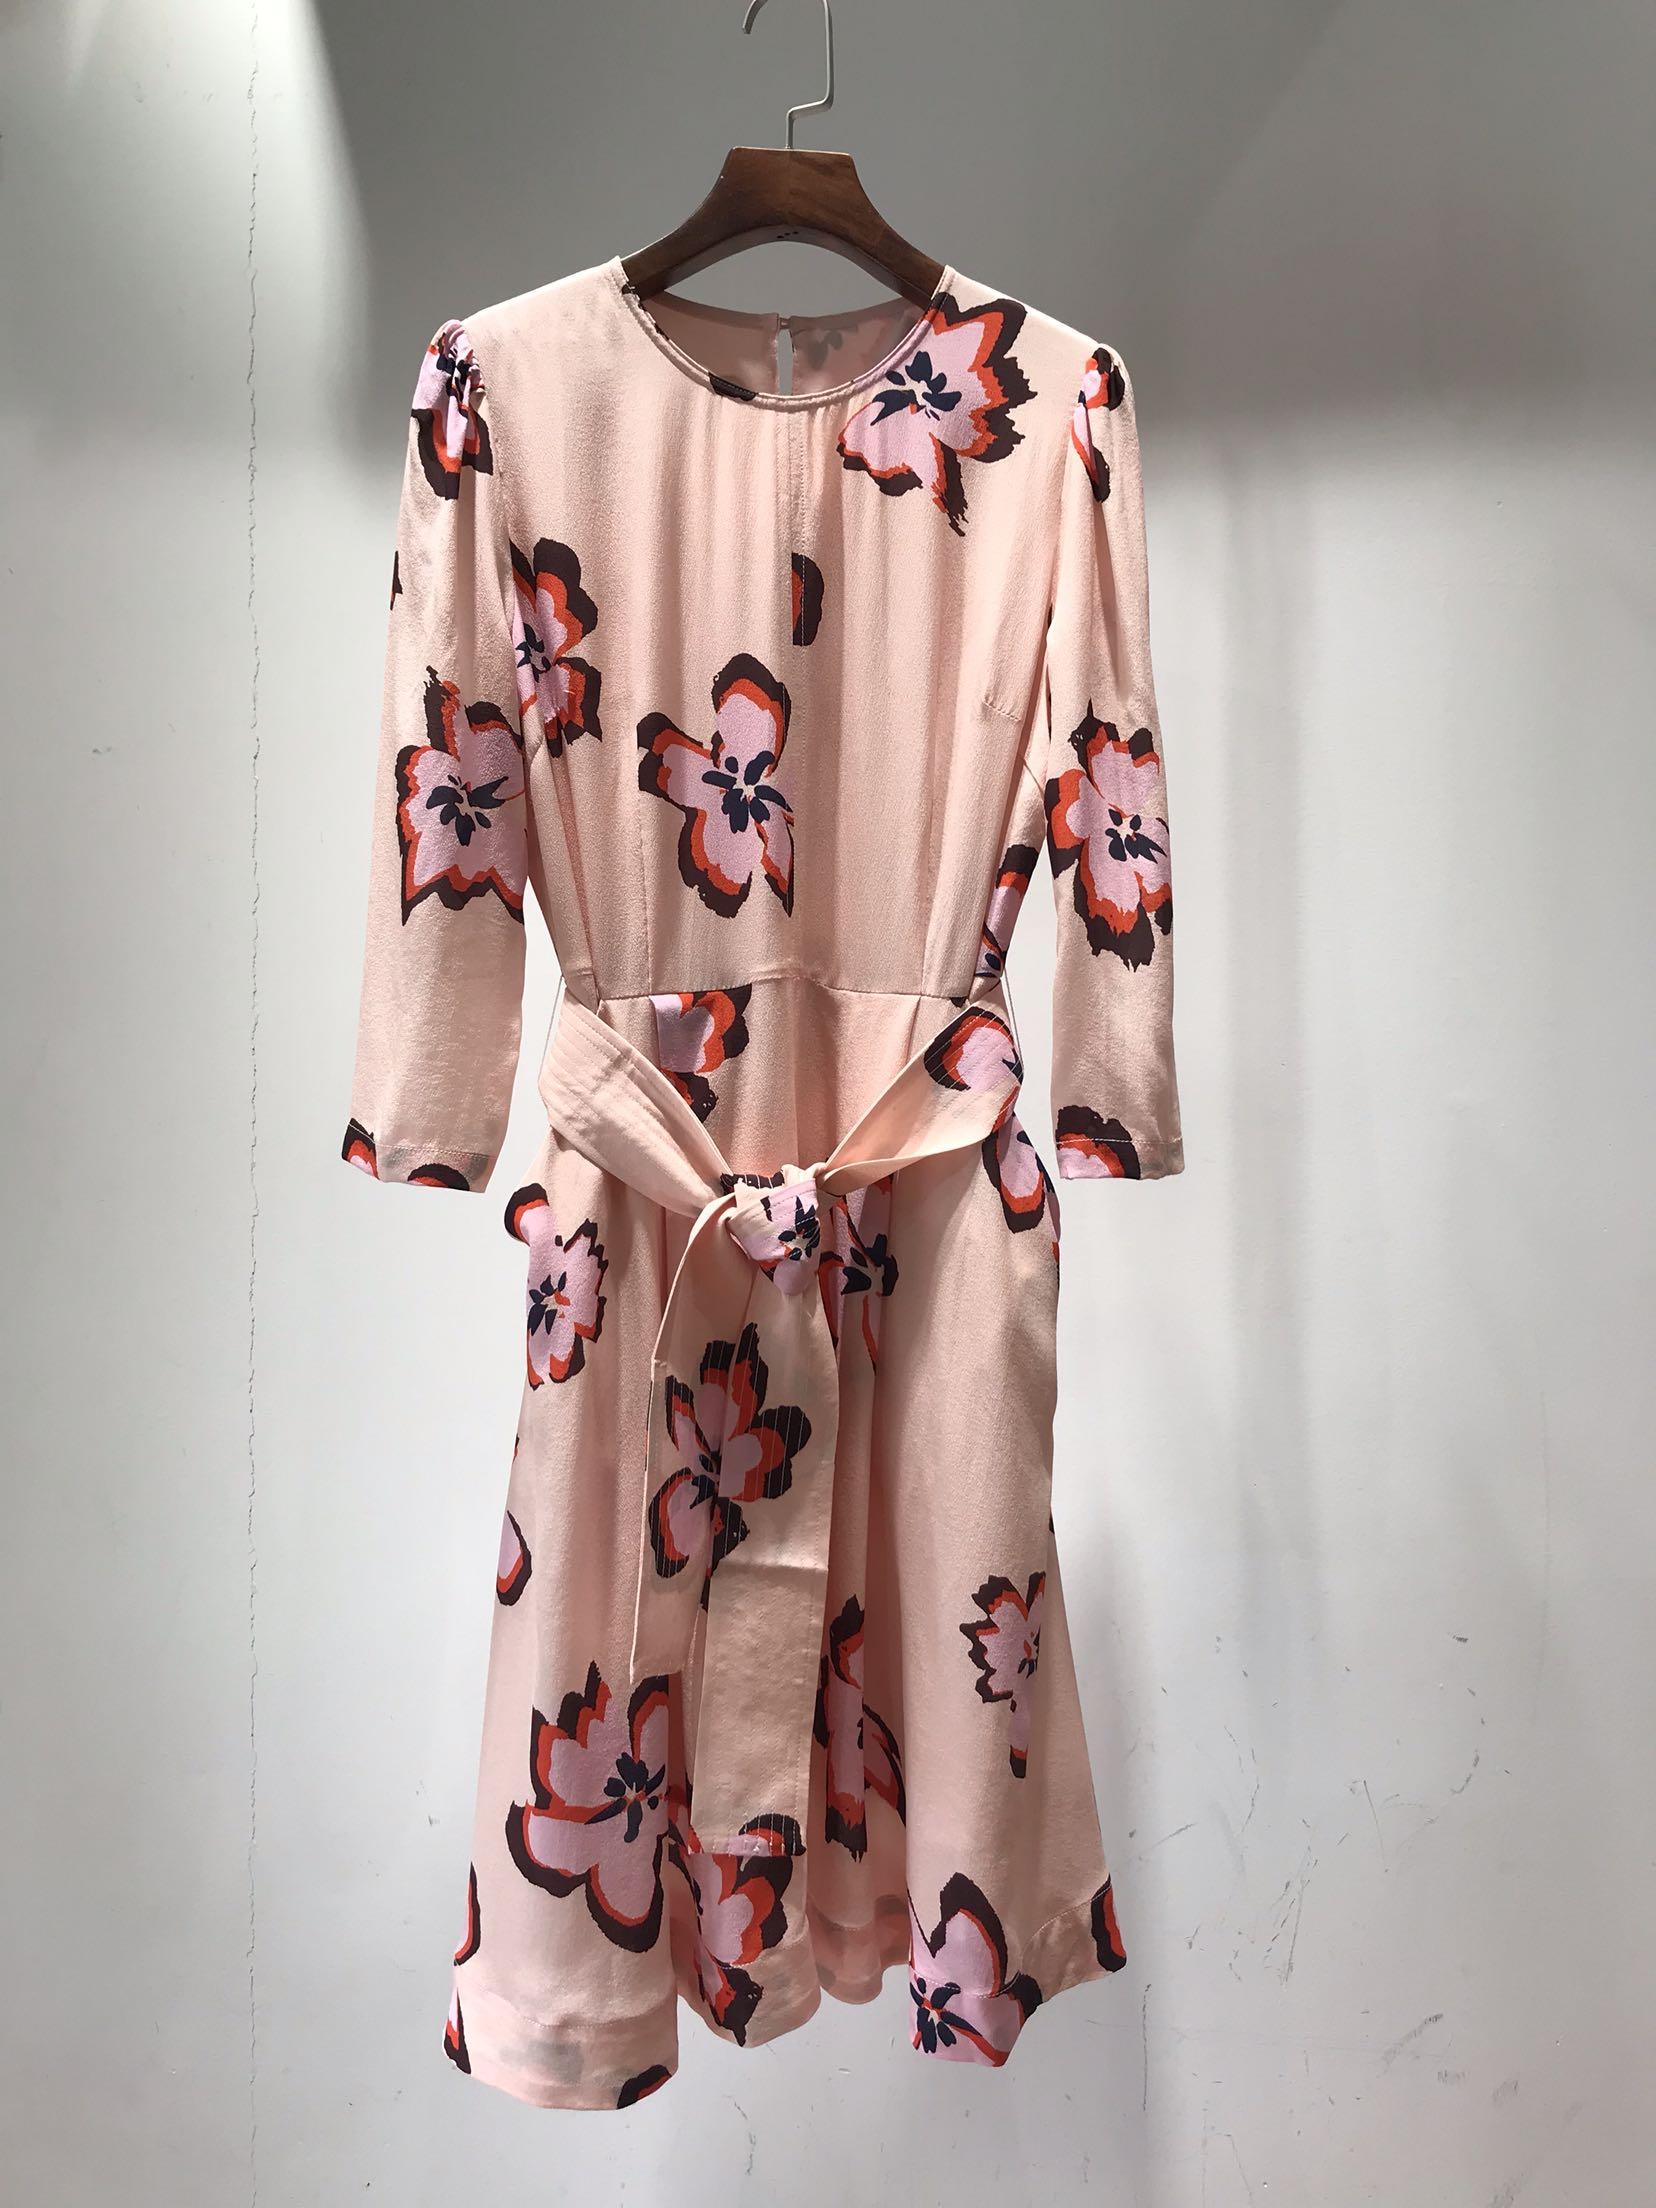 八分袖连衣裙 20早春新品时尚女装深兰色粉色花卉印花配腰带八分袖真丝连衣裙_推荐淘宝好看的八分袖连衣裙